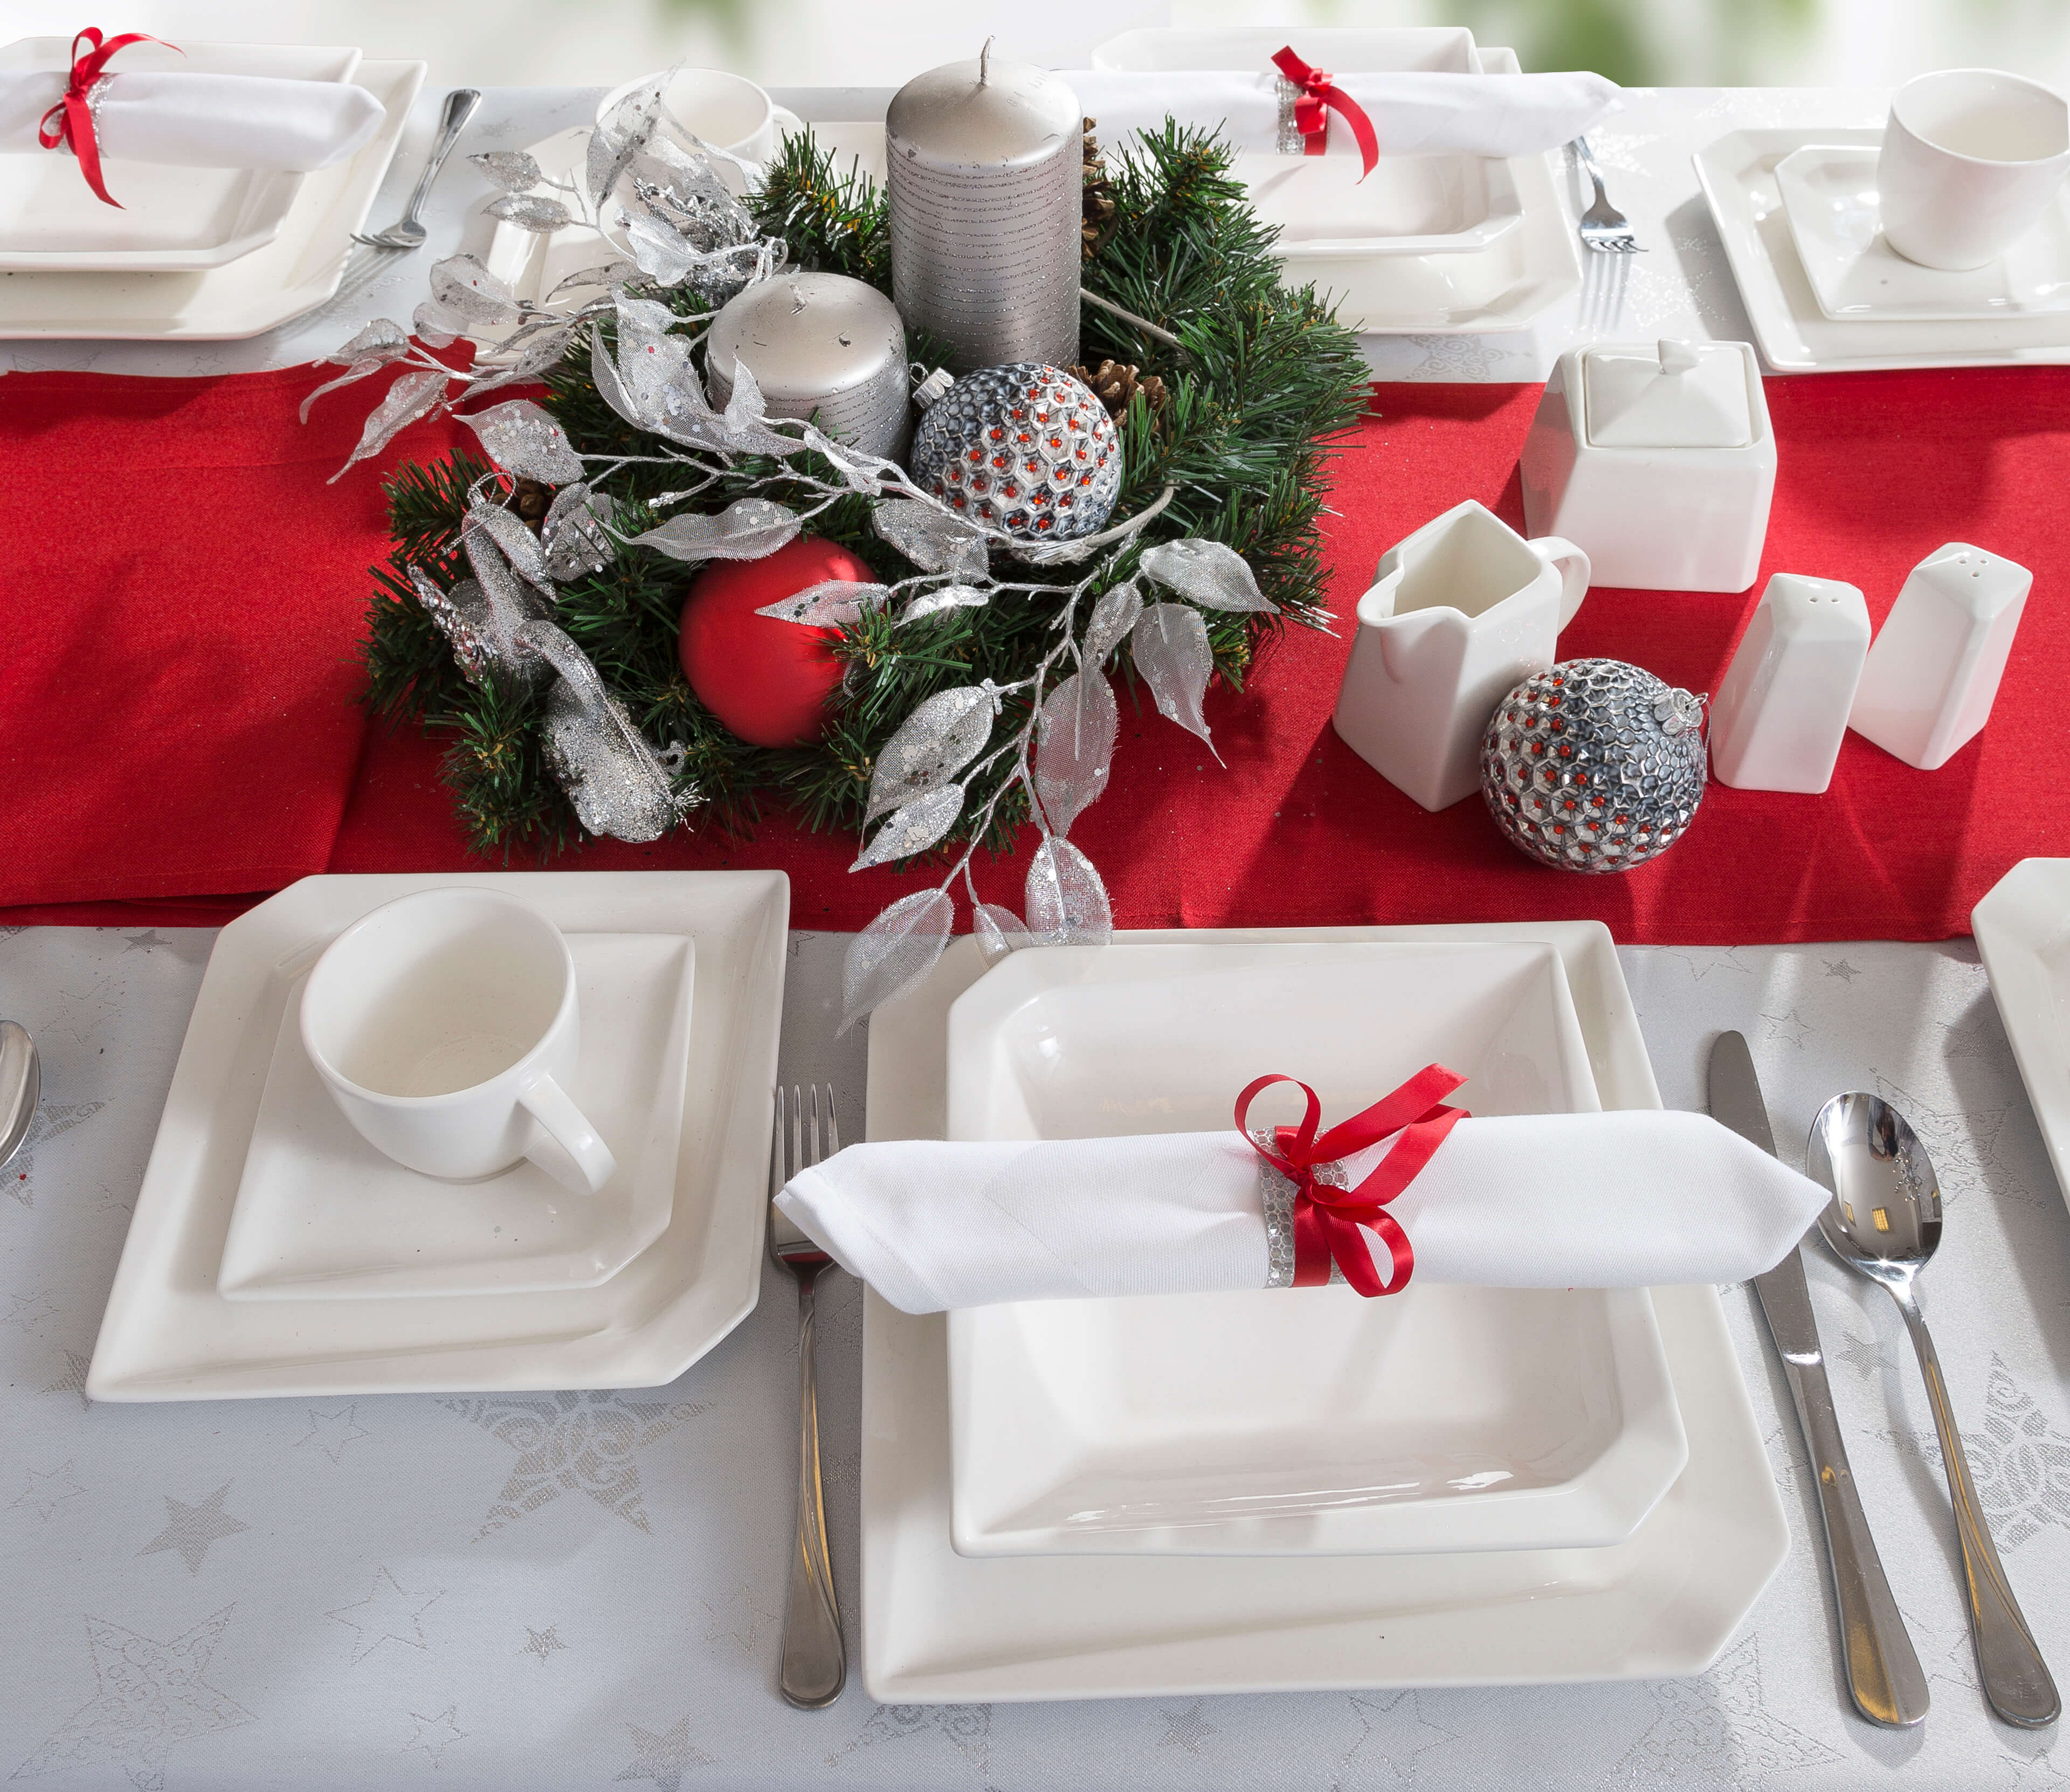 Stwórz stroik świąteczny z gotowych produktów